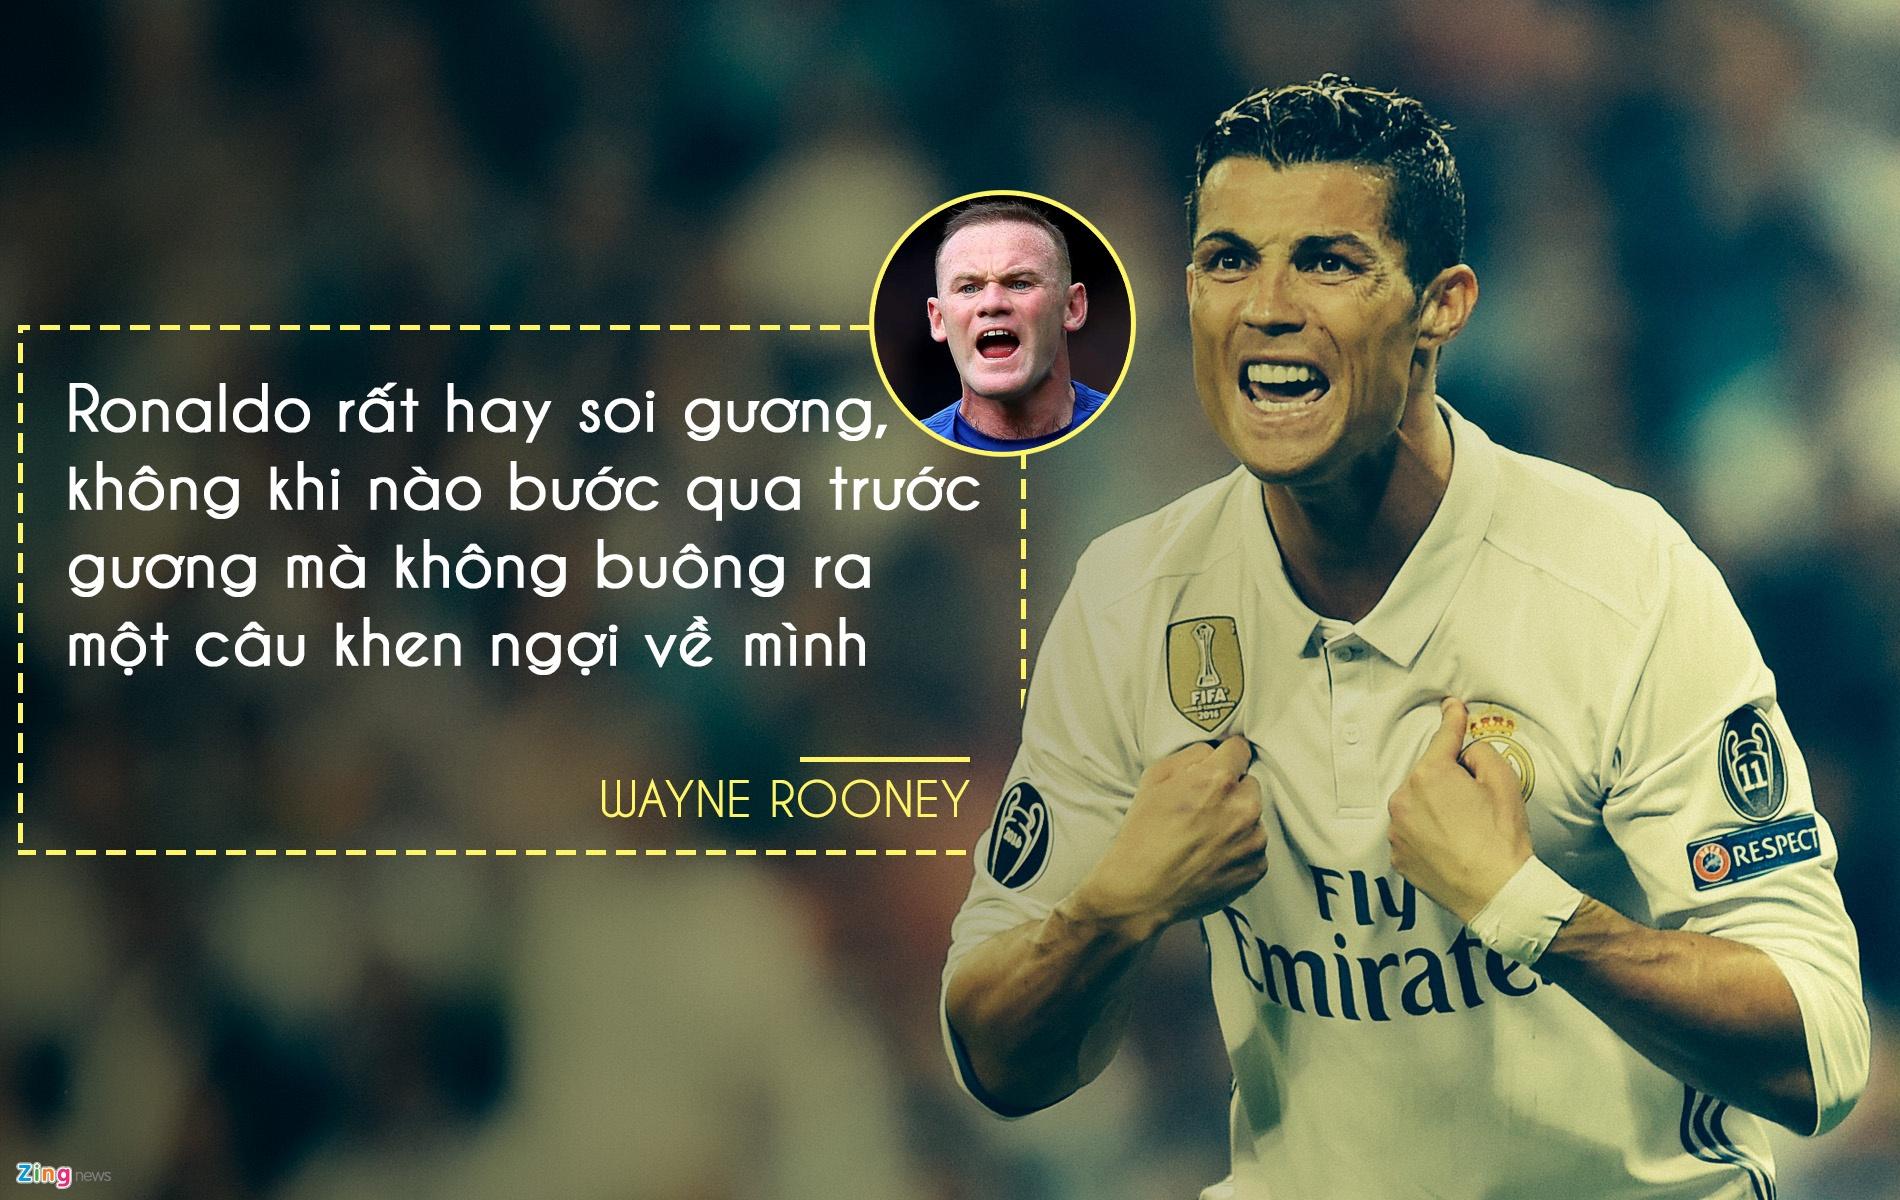 Nhung Danh Thu, Huyen Thoai Bong Da Noi Gi Ve Ronaldo? Hinh Anh 7